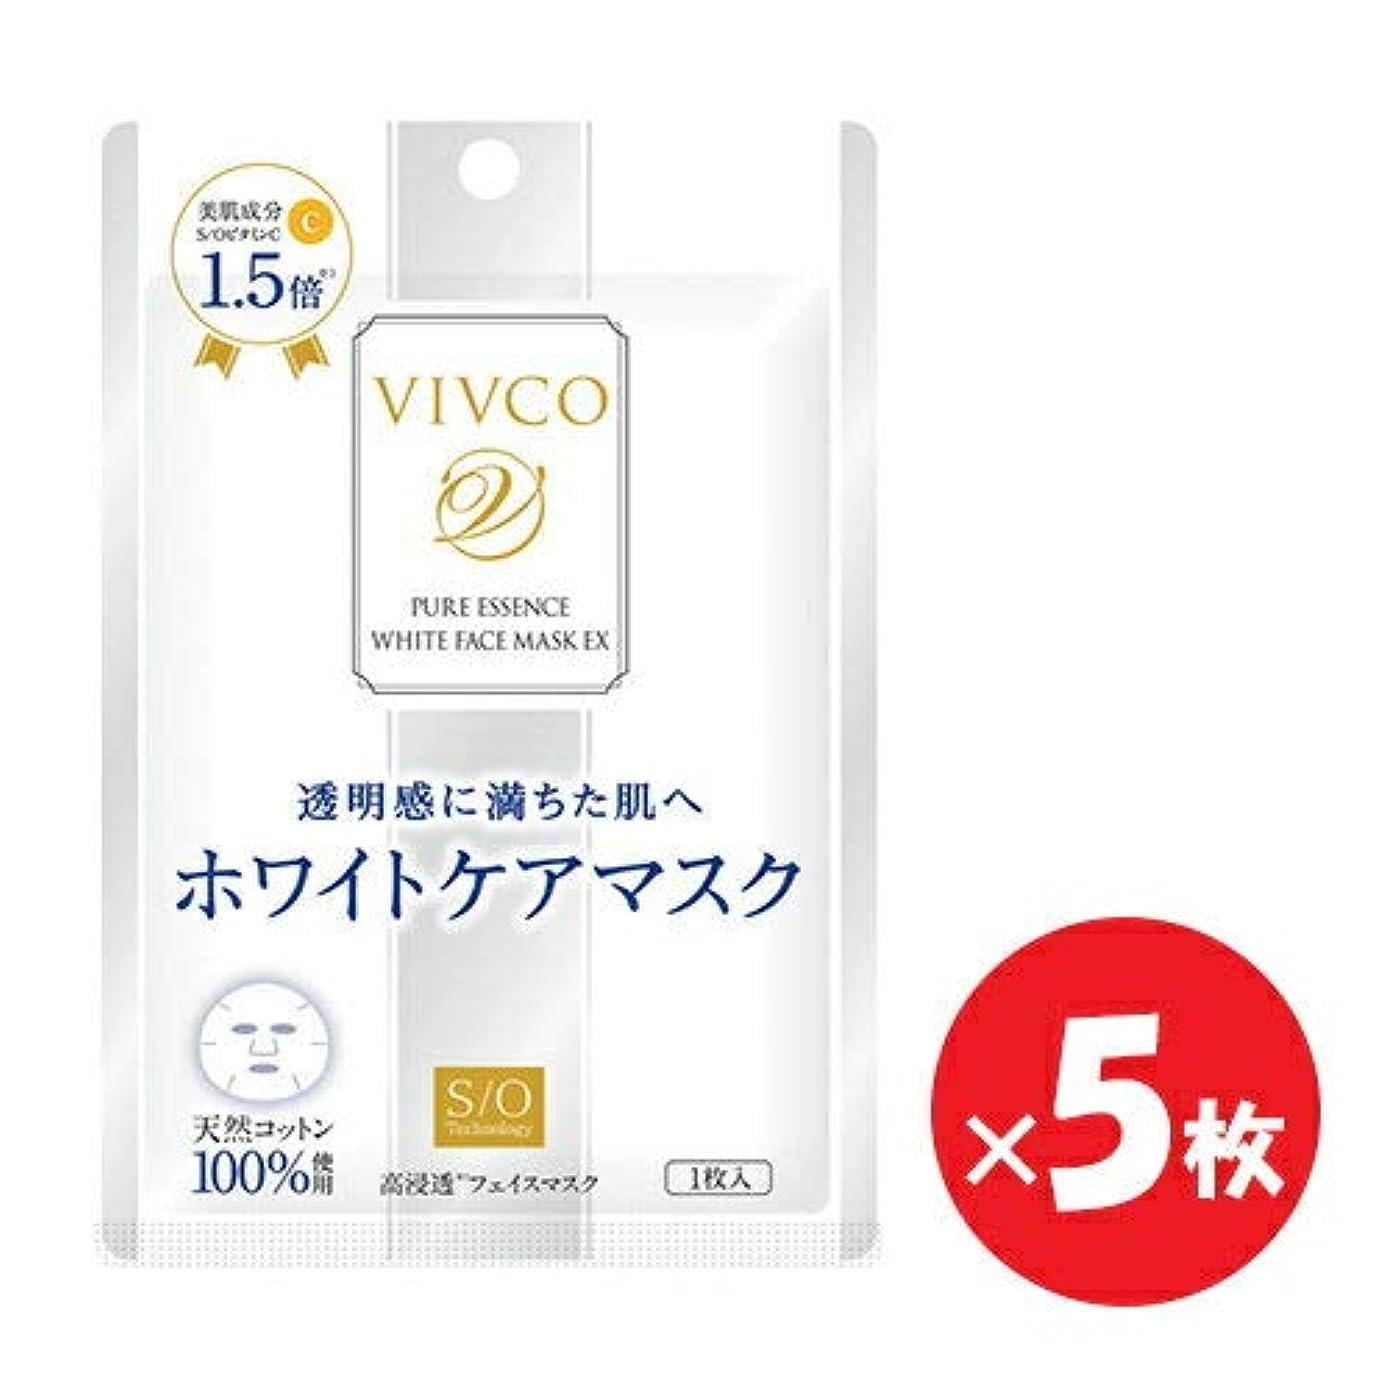 冷蔵庫冷蔵するファックスVIVCO(ヴィヴコ) ピュアエッセンスホワイトフェイスマスク EX 5枚セット